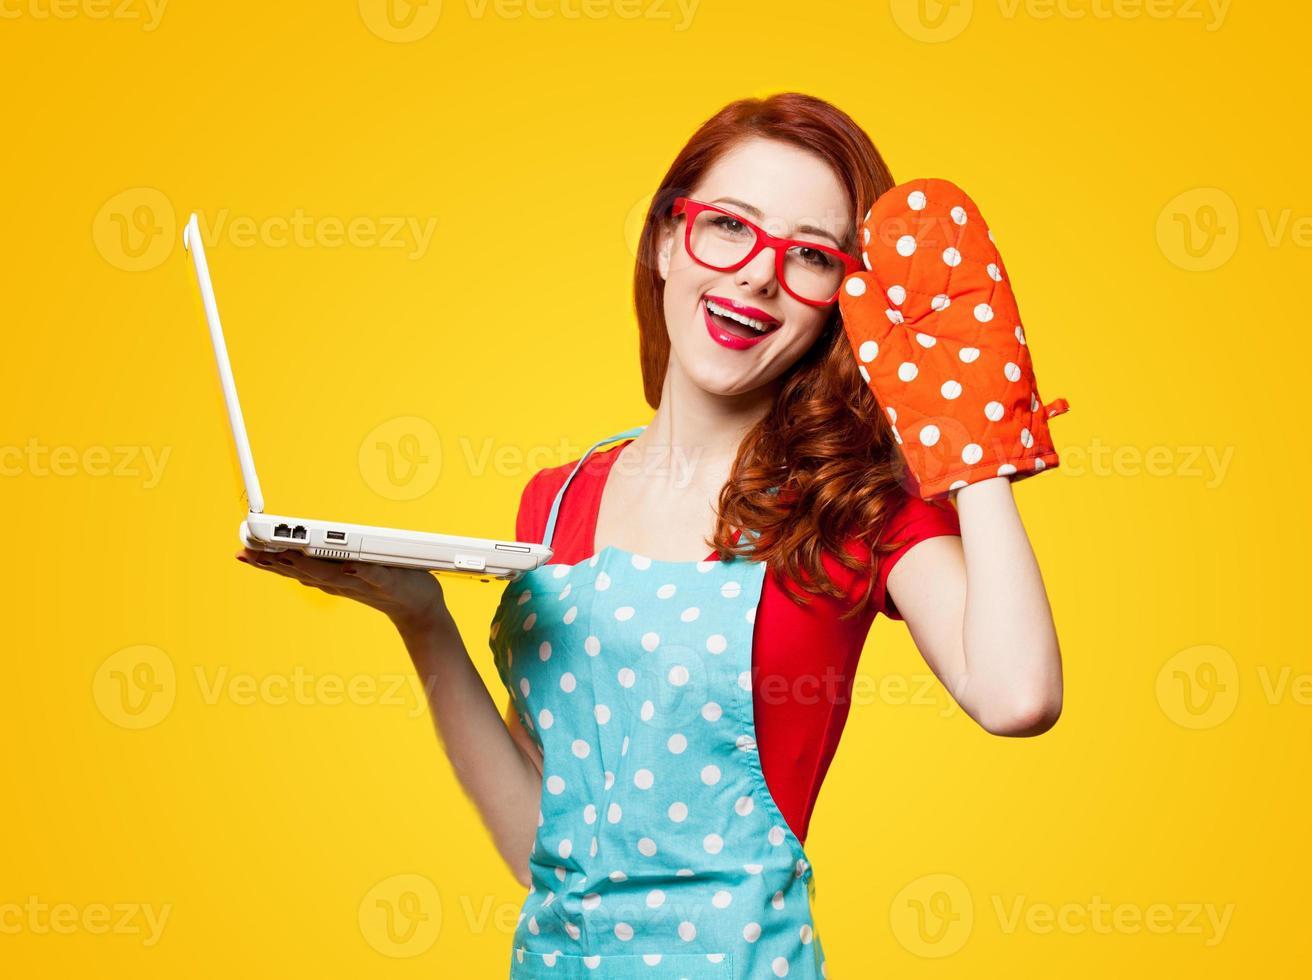 jeune femme au foyer avec ordinateur et gants de cuisine photo